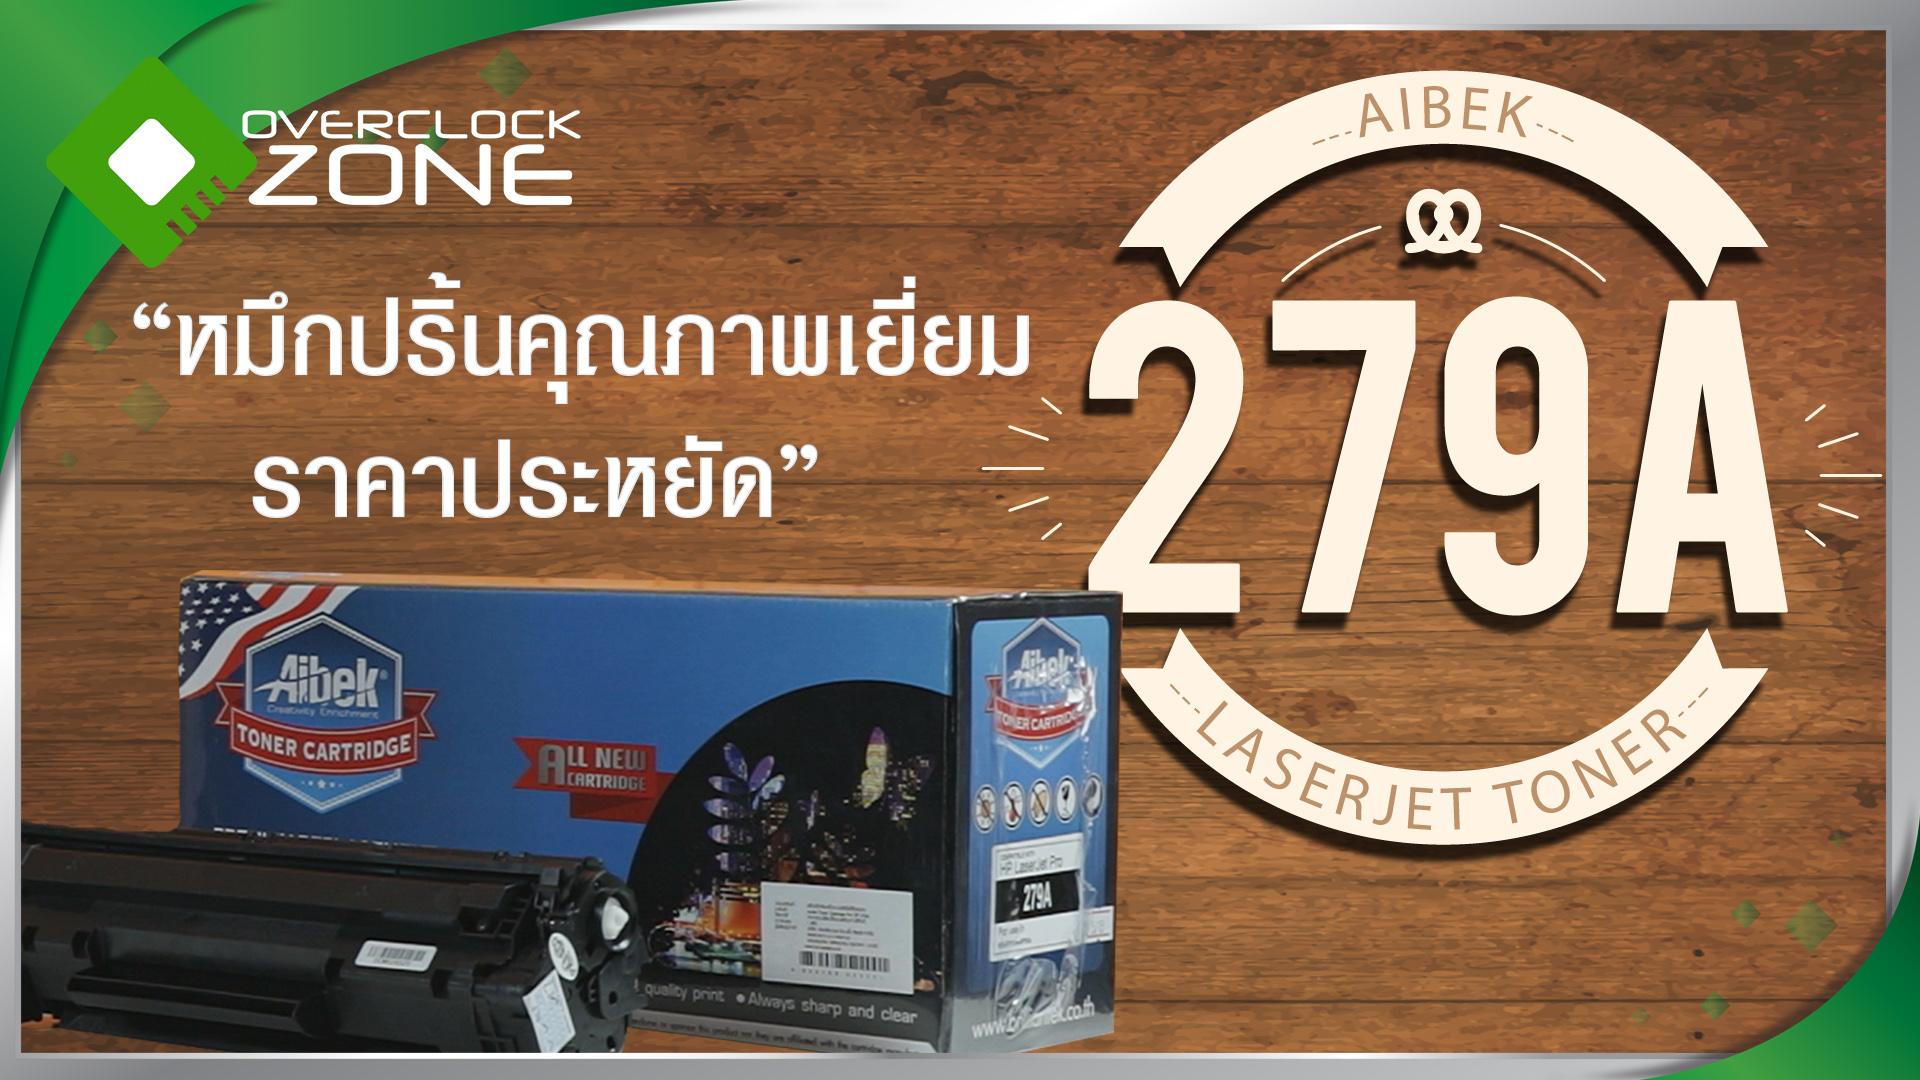 รีวิว Aibek 279A Laserjet Toner หมึกปริ้นคุณภาพเยี่ยม ราคาประหยัด By Overclockzone.com